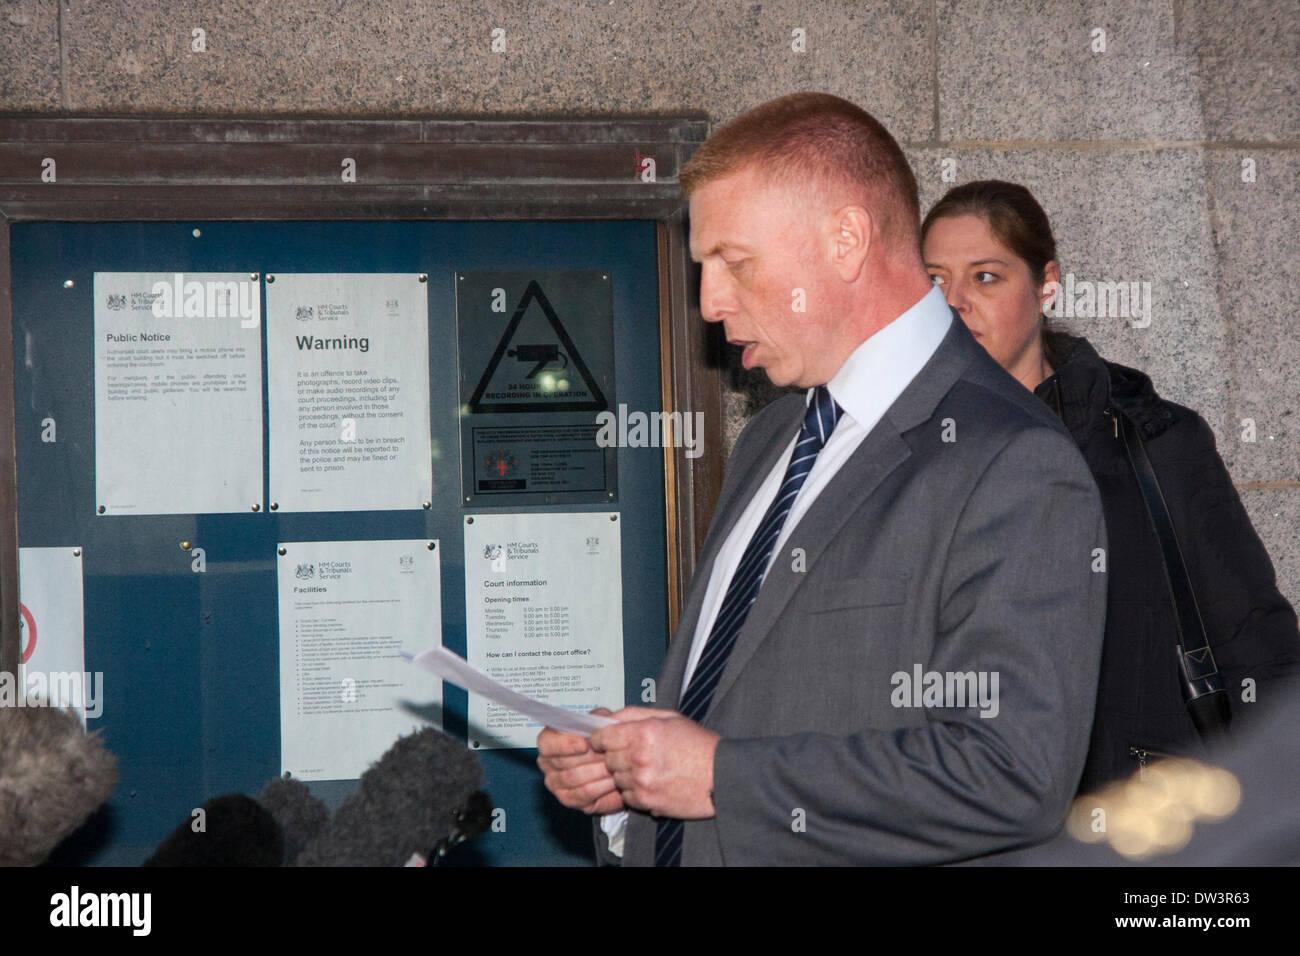 Old Bailey, London 26. Februar 2014. Polizei-Sprecher Peter Sparkes liest eine Erklärung im Namen der Schlagzeuger Stockbild